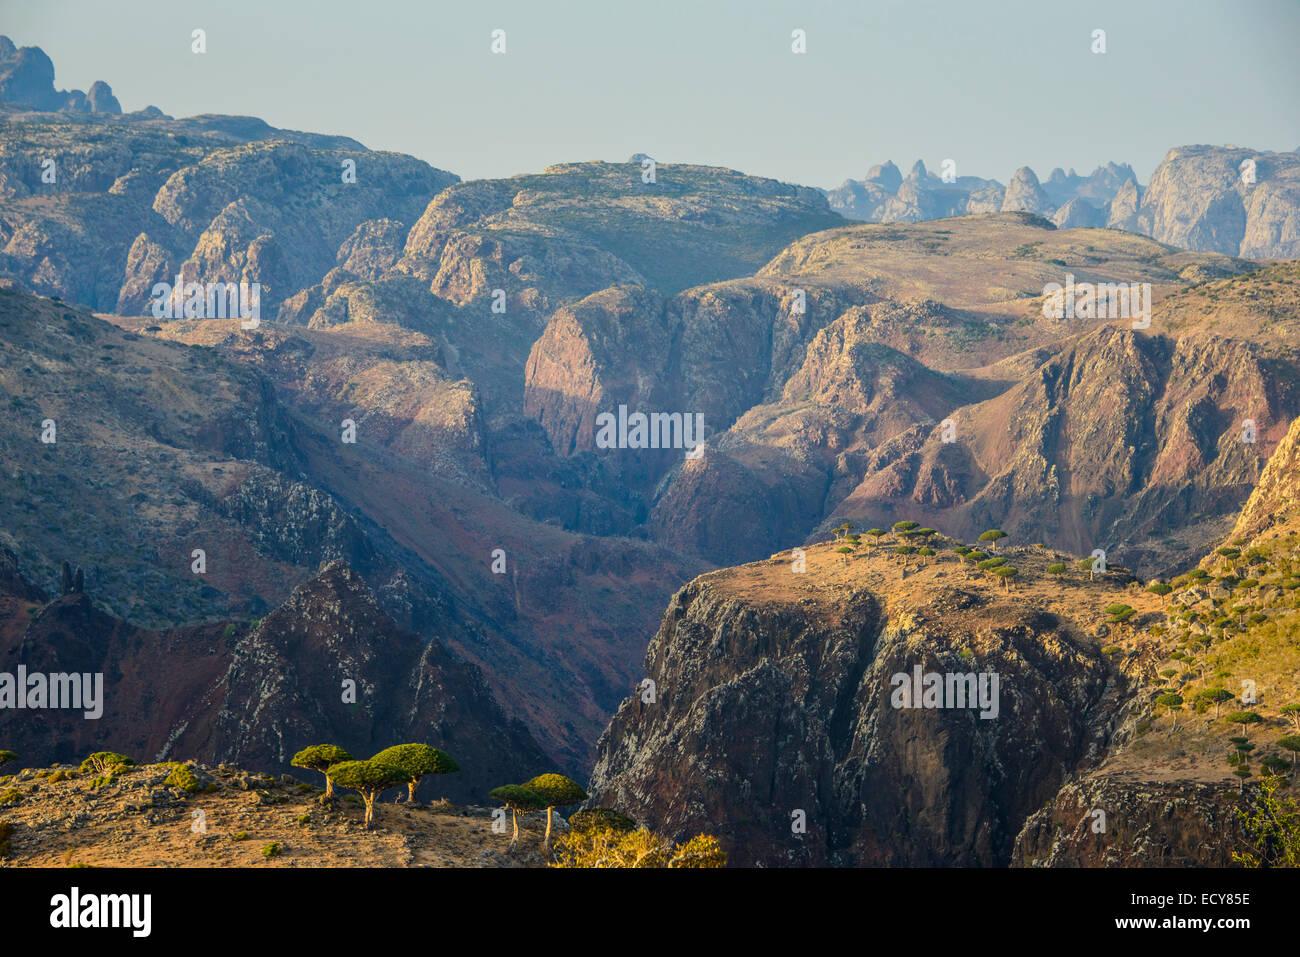 Huge canyon on the Dixsam plateau, Socotra, Yemen - Stock Image